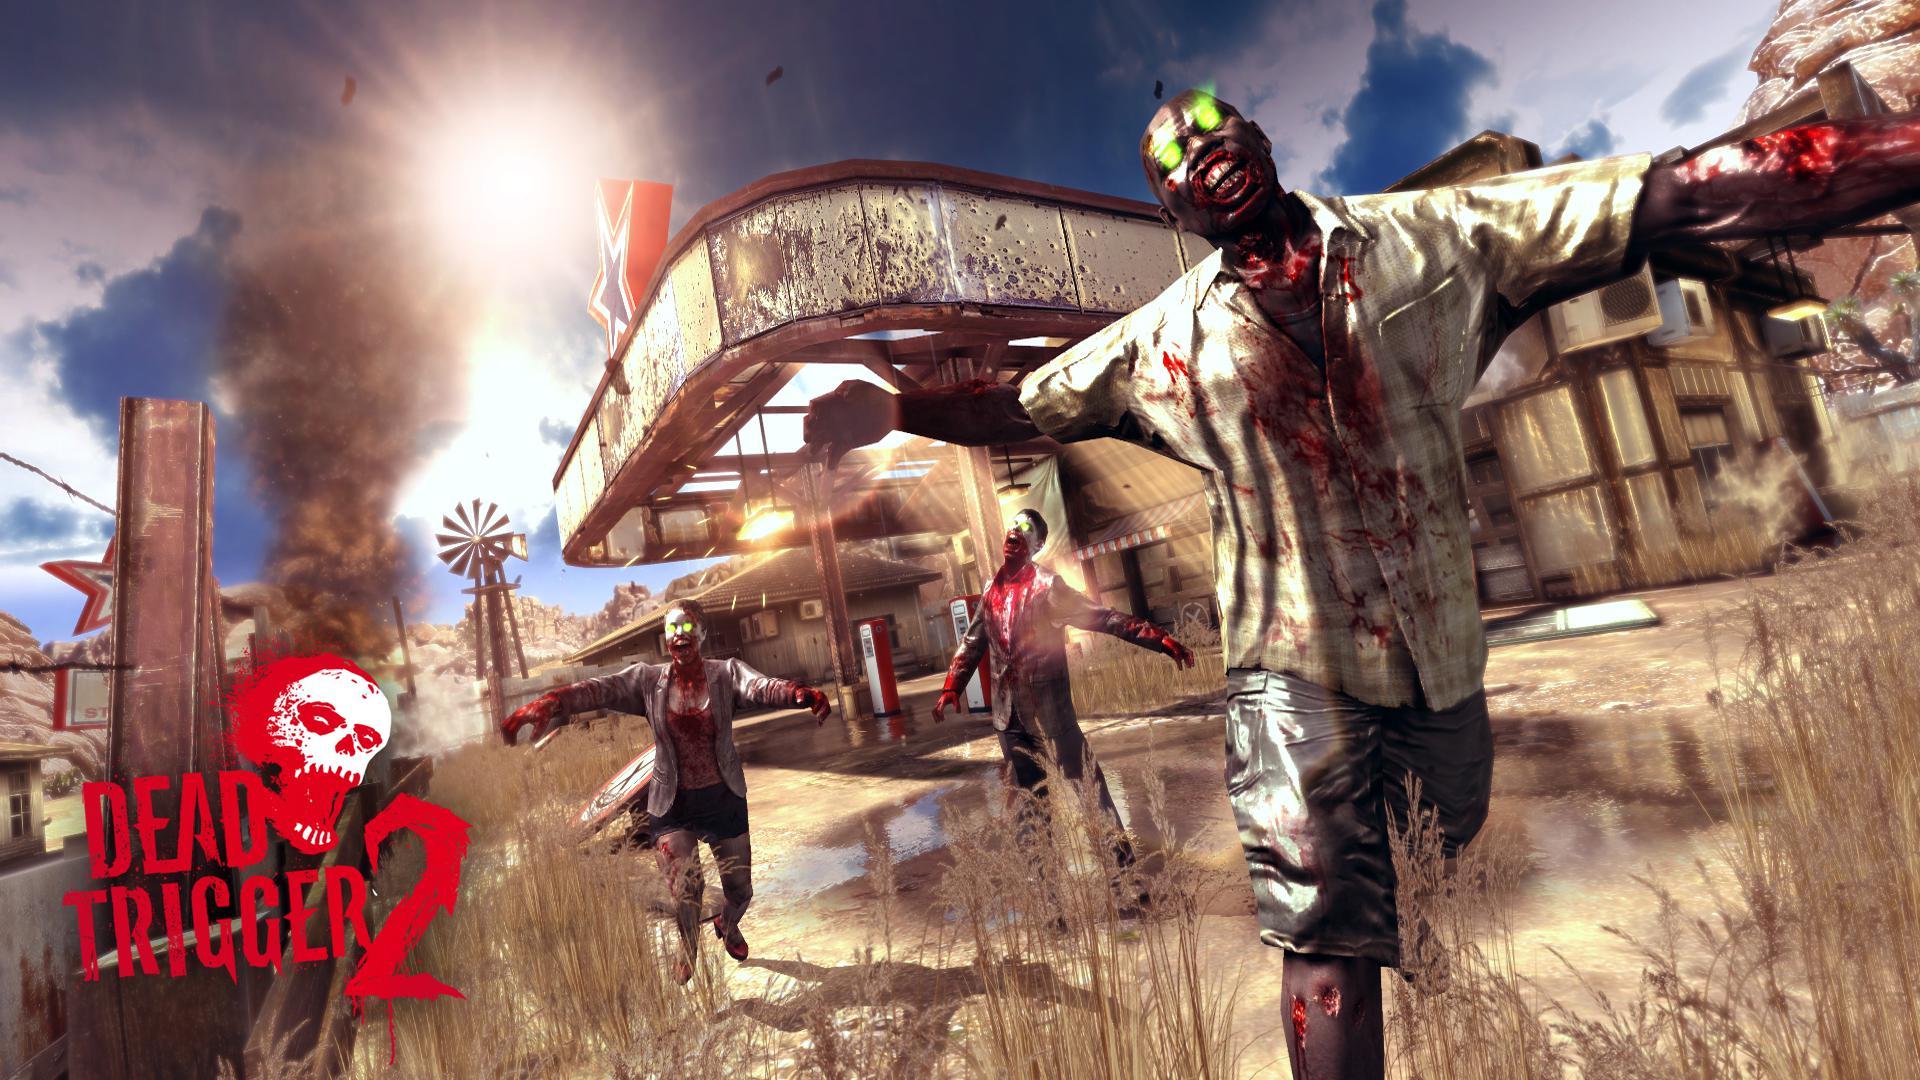 Dead Trigger 2 - zombie hra míří na tablety a telefony s androidem 2